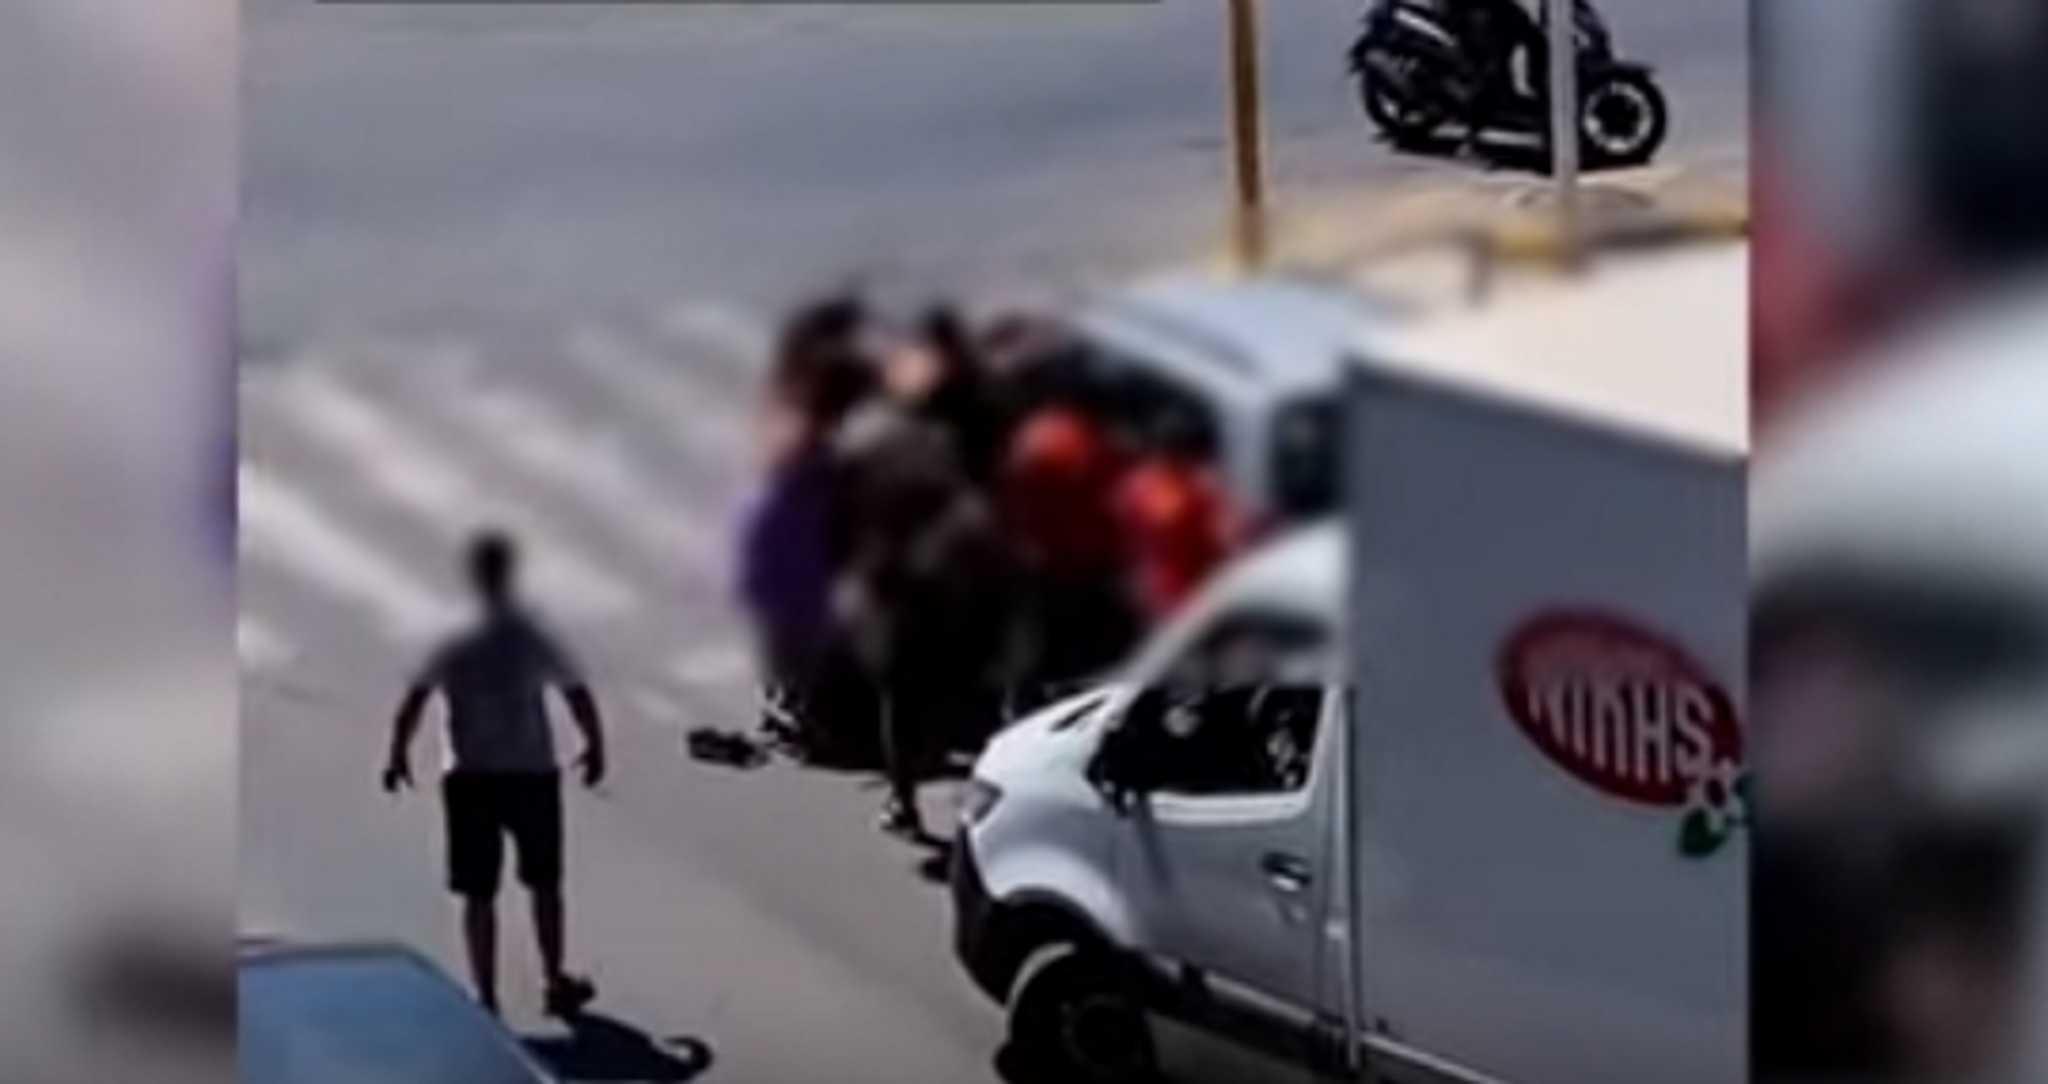 Χανιά: Άγριο ξύλο με κλωτσιές και μπουνιές μπροστά σε ιερέα – Σάλος για τα 44 δευτερόλεπτα βίας